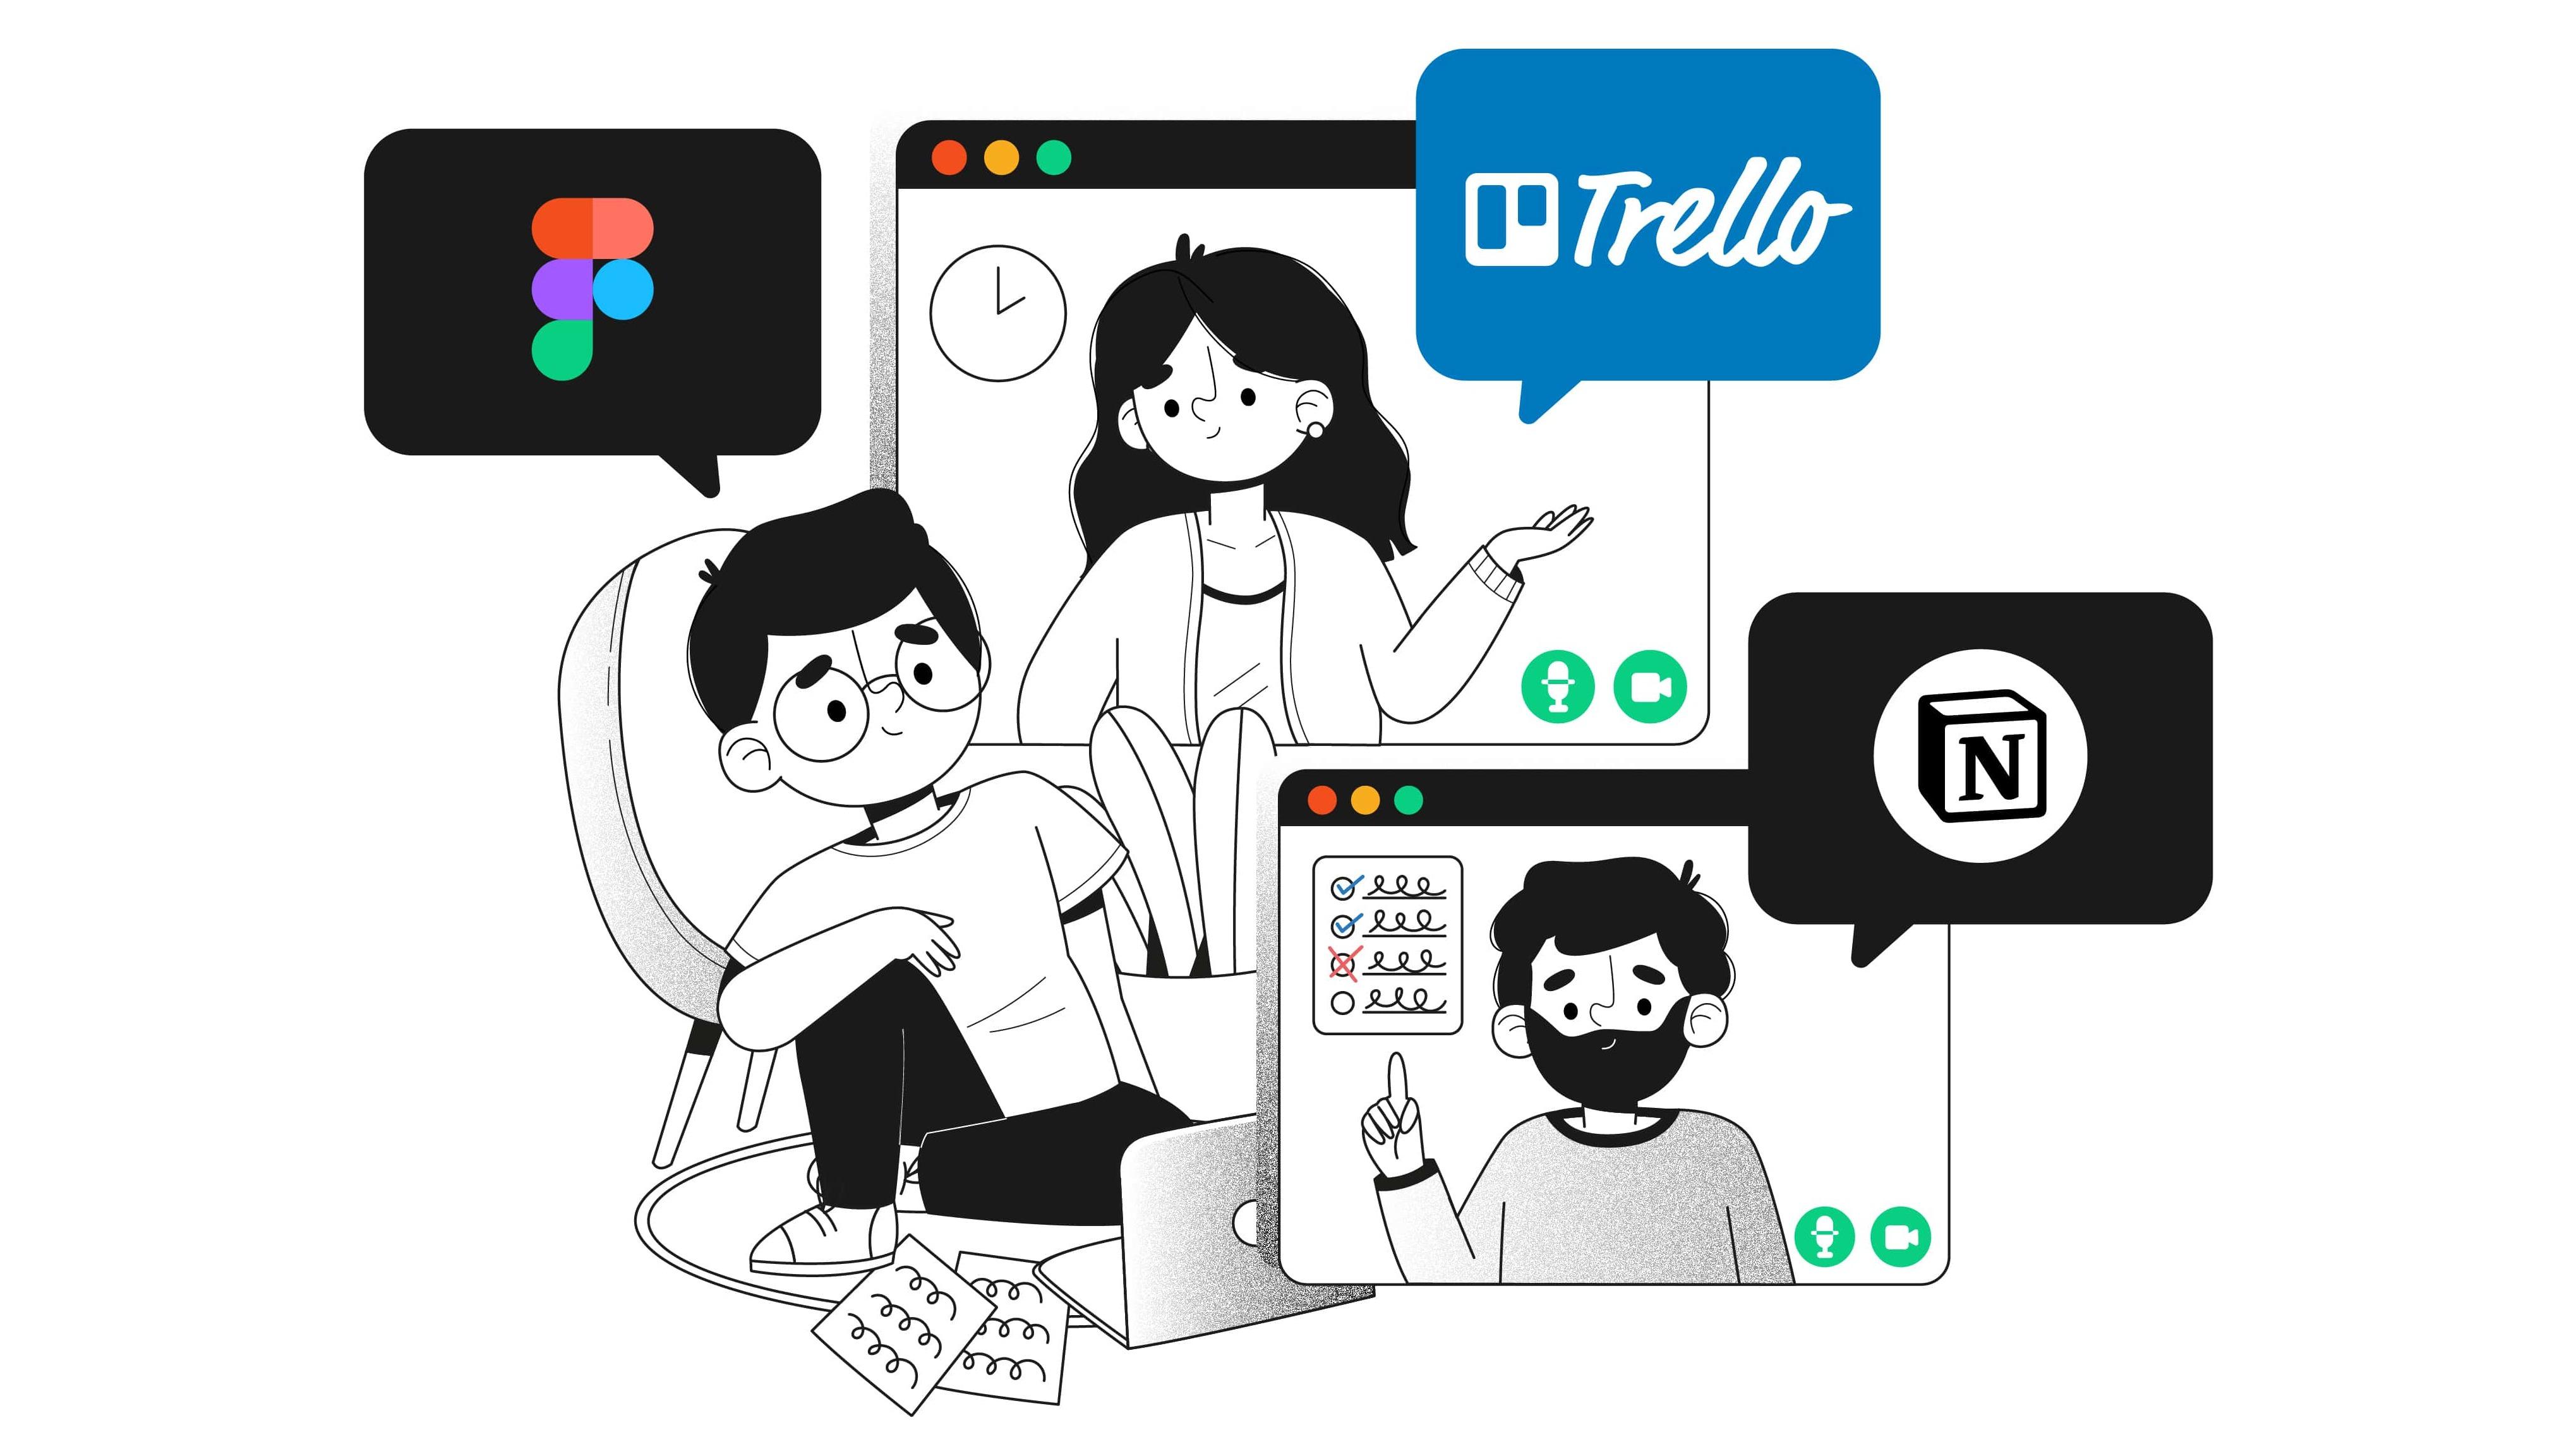 Mejora la comunicación y productividad del equipo